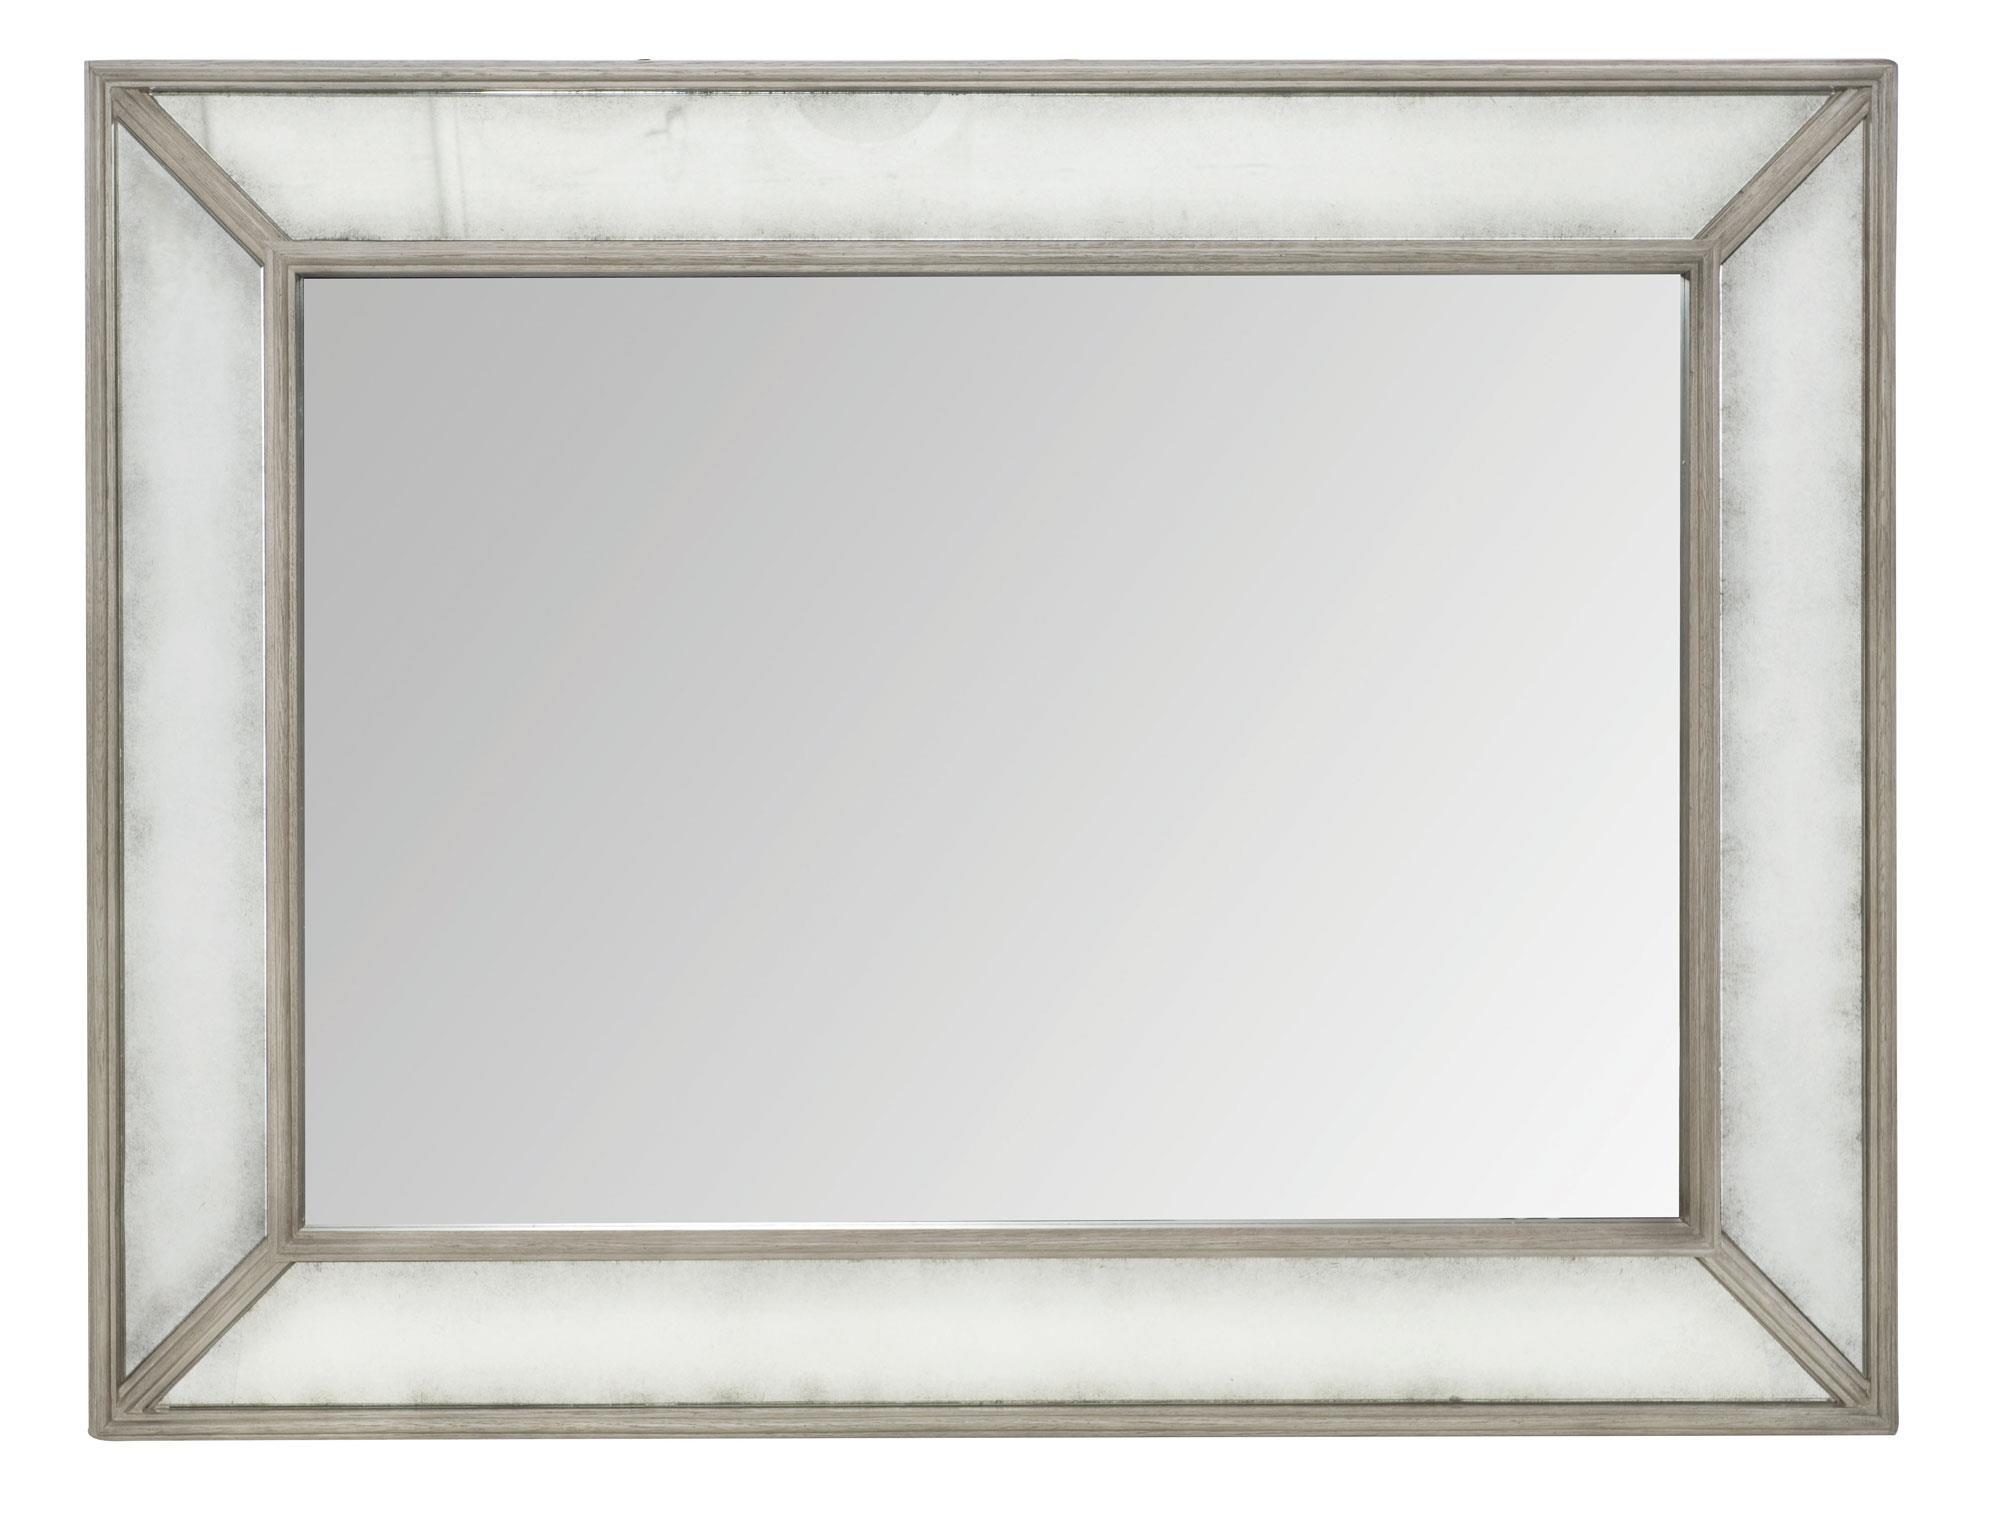 Marquesa Marquesa Mirror by Bernhardt at Morris Home